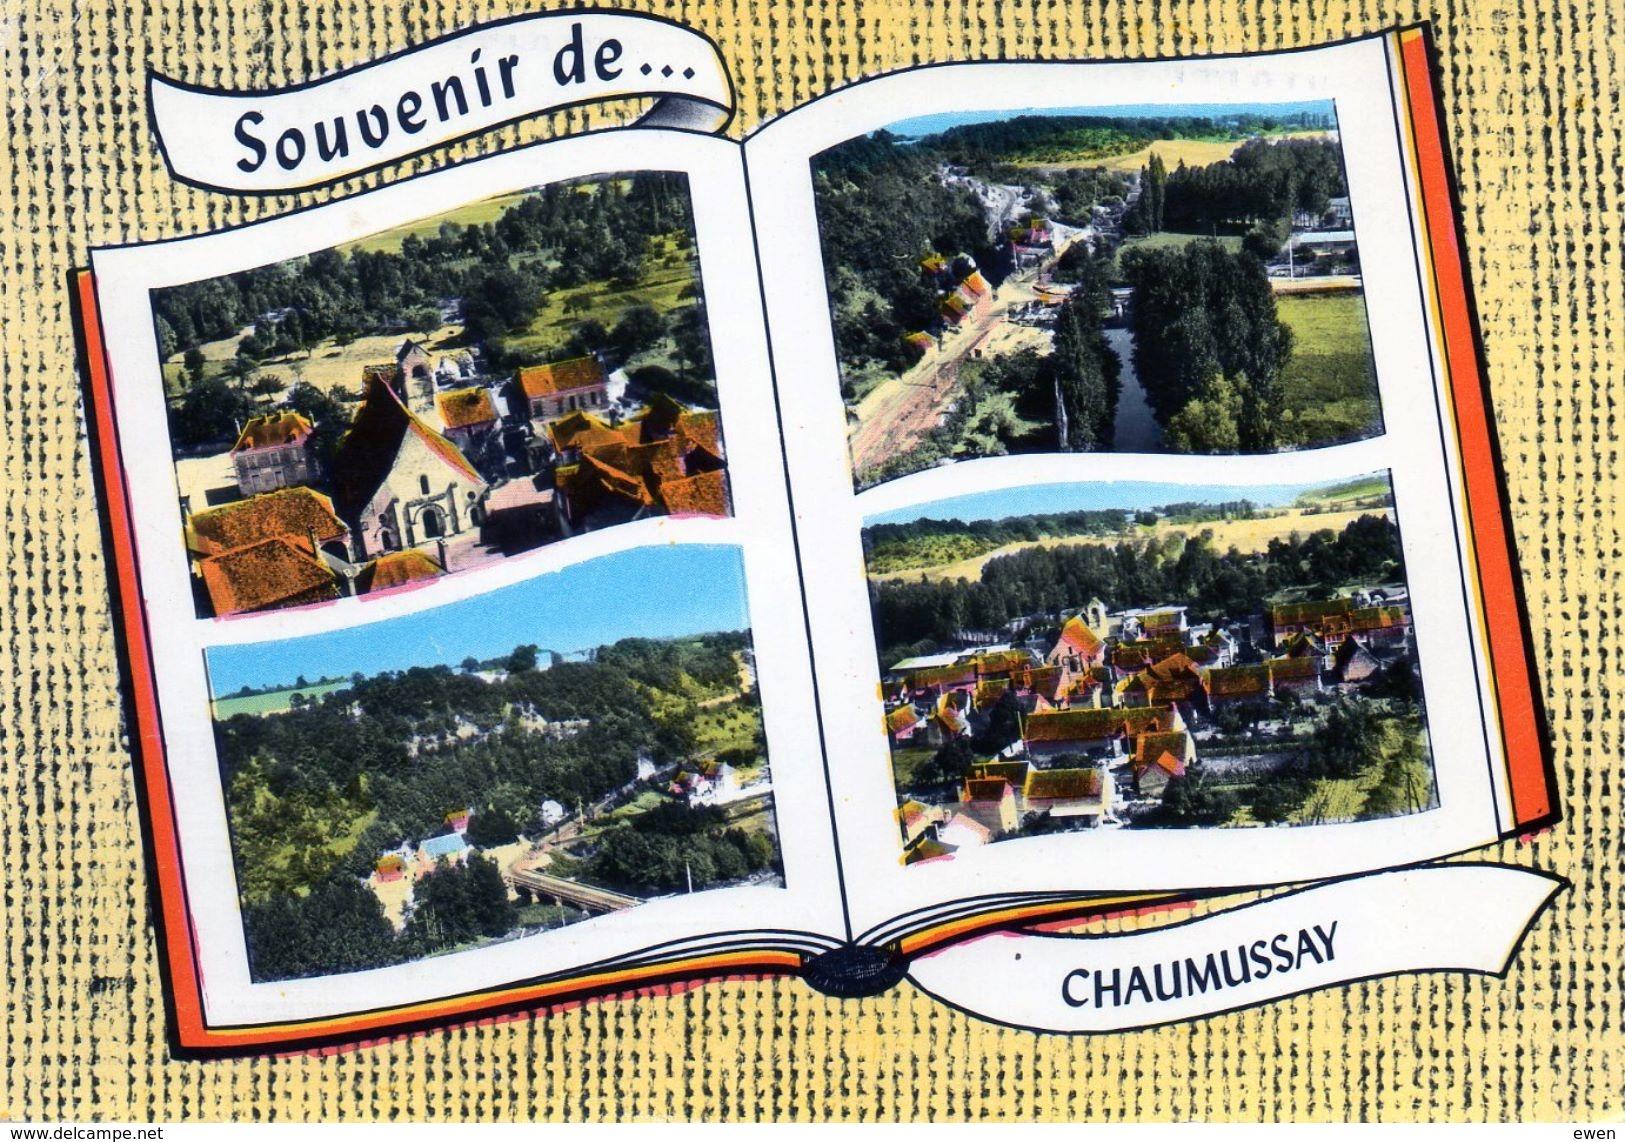 Souvenir De Chaumussay. - France